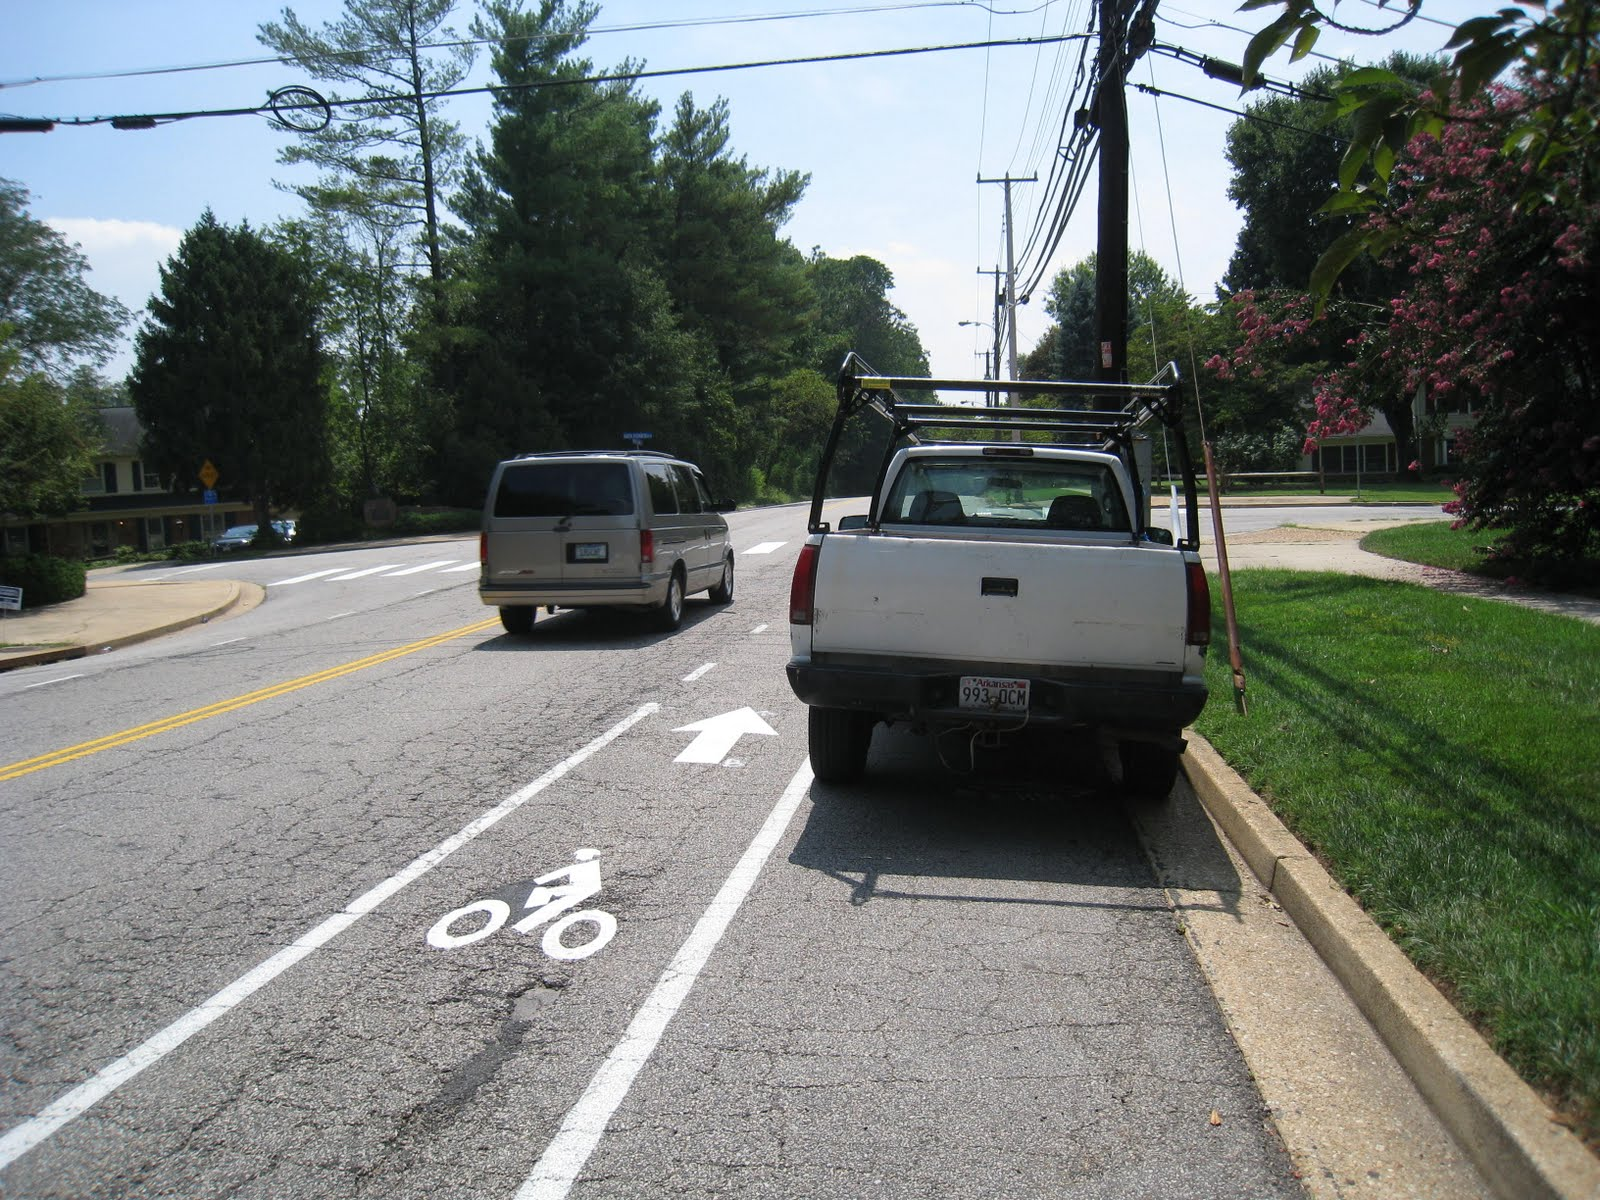 IMG 4104 ... lane width adjacent to narrow parking lane: 6 7 feet.